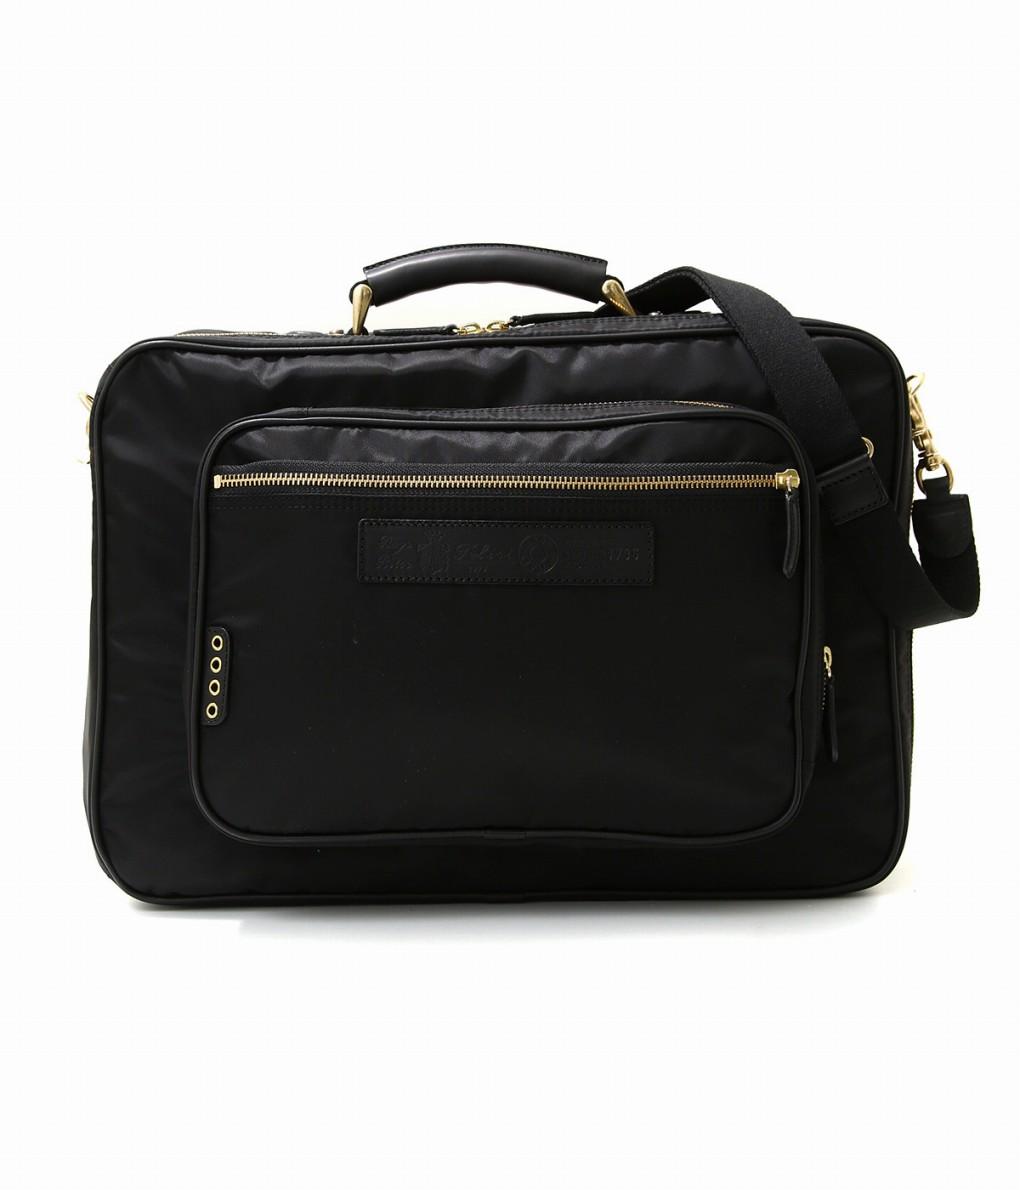 Felisi / フェリージ : 3Way Business Bag : 仕事用 バッグ レザー ナイロン 本革 3Way メンズ : 1735-DS-041 【MUS】